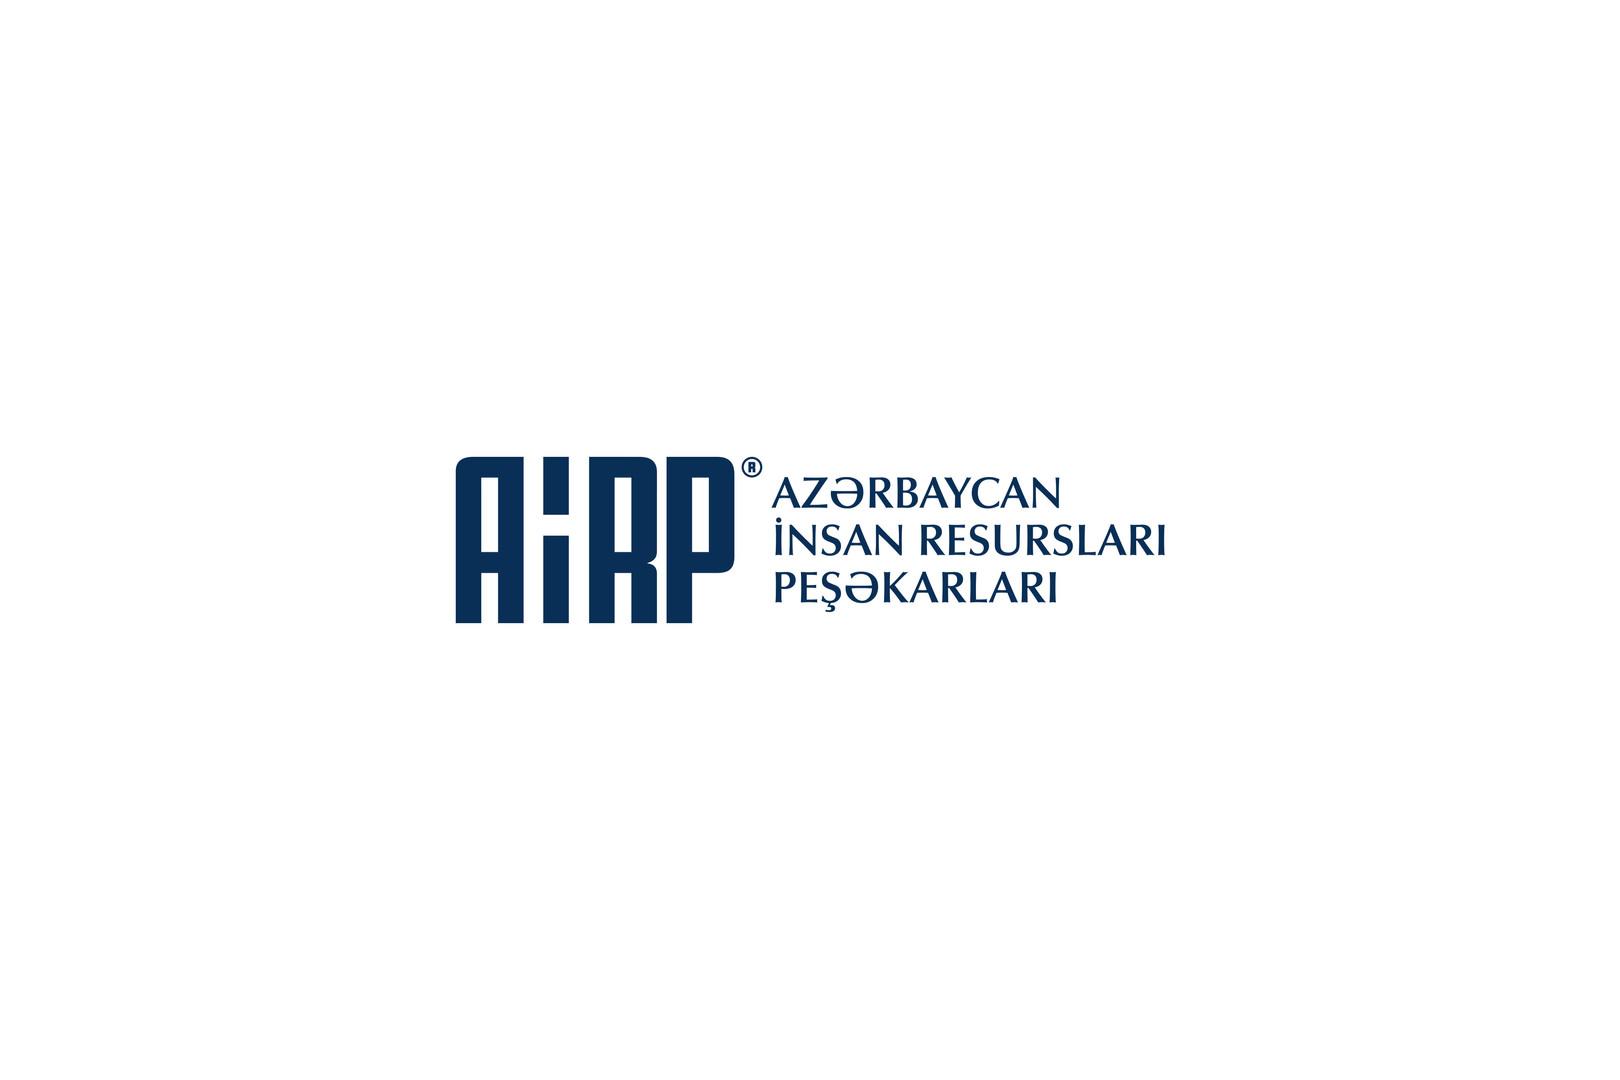 Logo_az.jpg